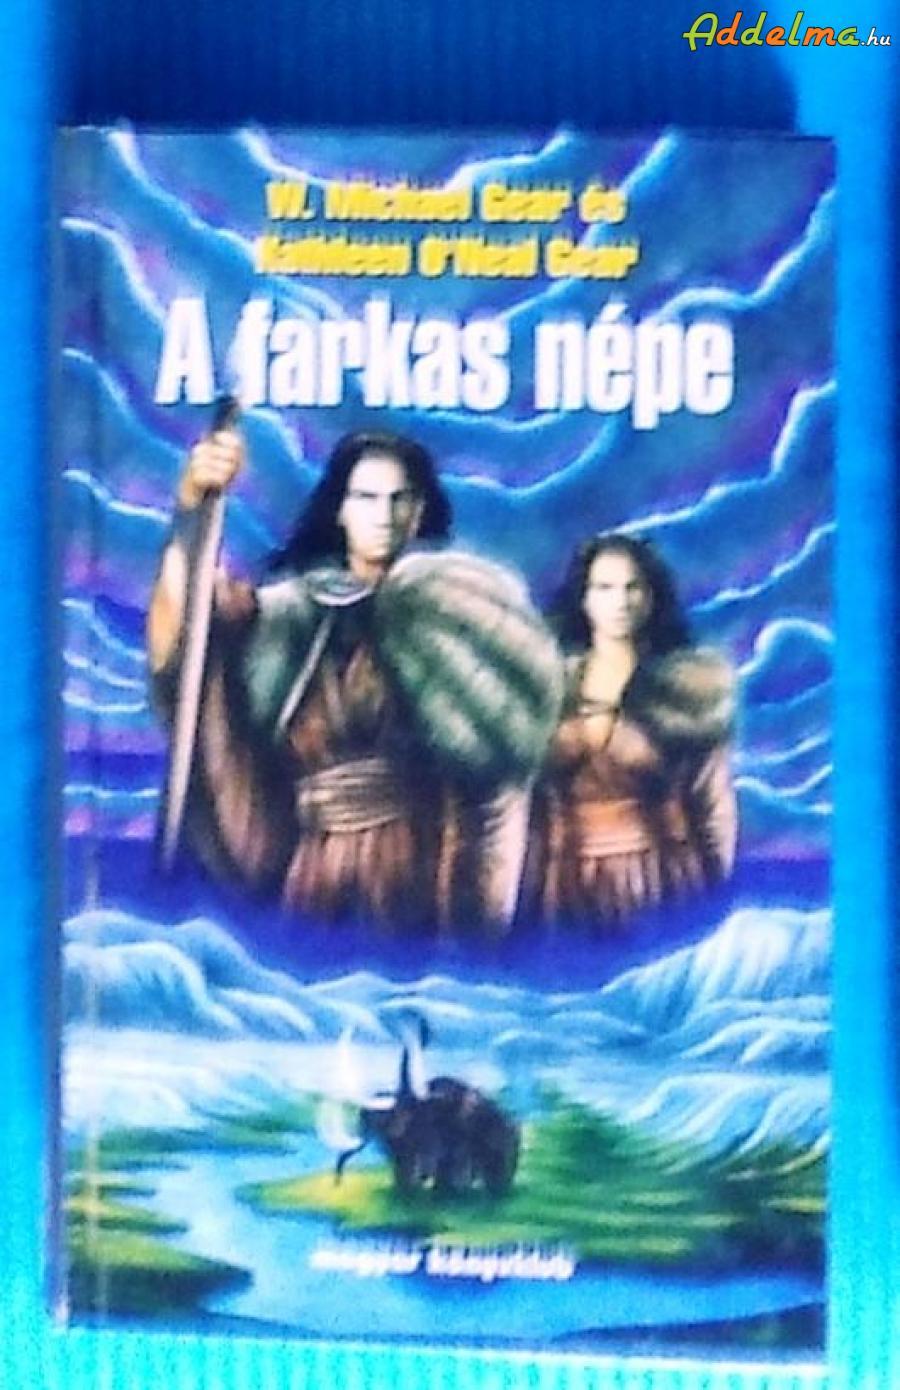 W. Michael Gear – Kathleen O'Neal Gear: A Farkas népe (1997)